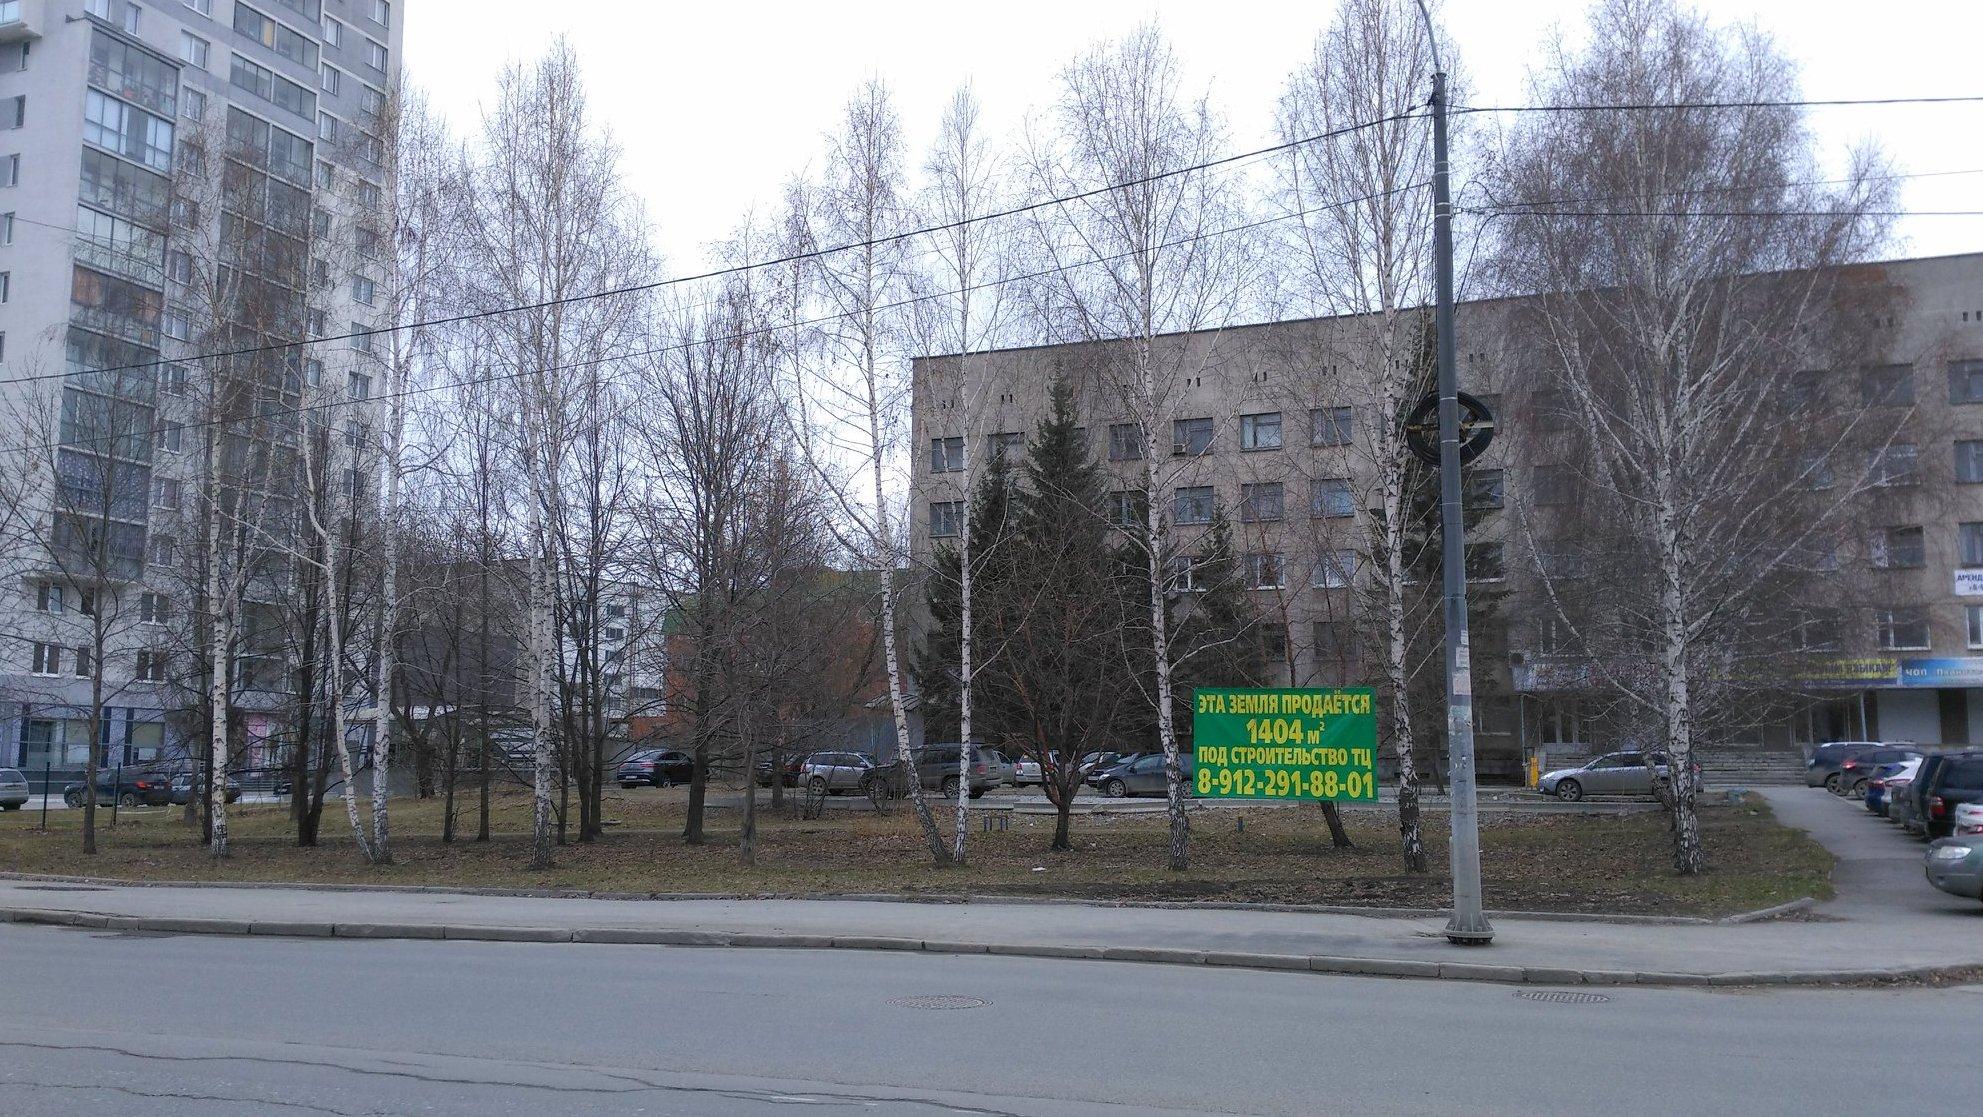 Березовый сквер на Фурманова продадут под торговый центр. Эскизы проекта